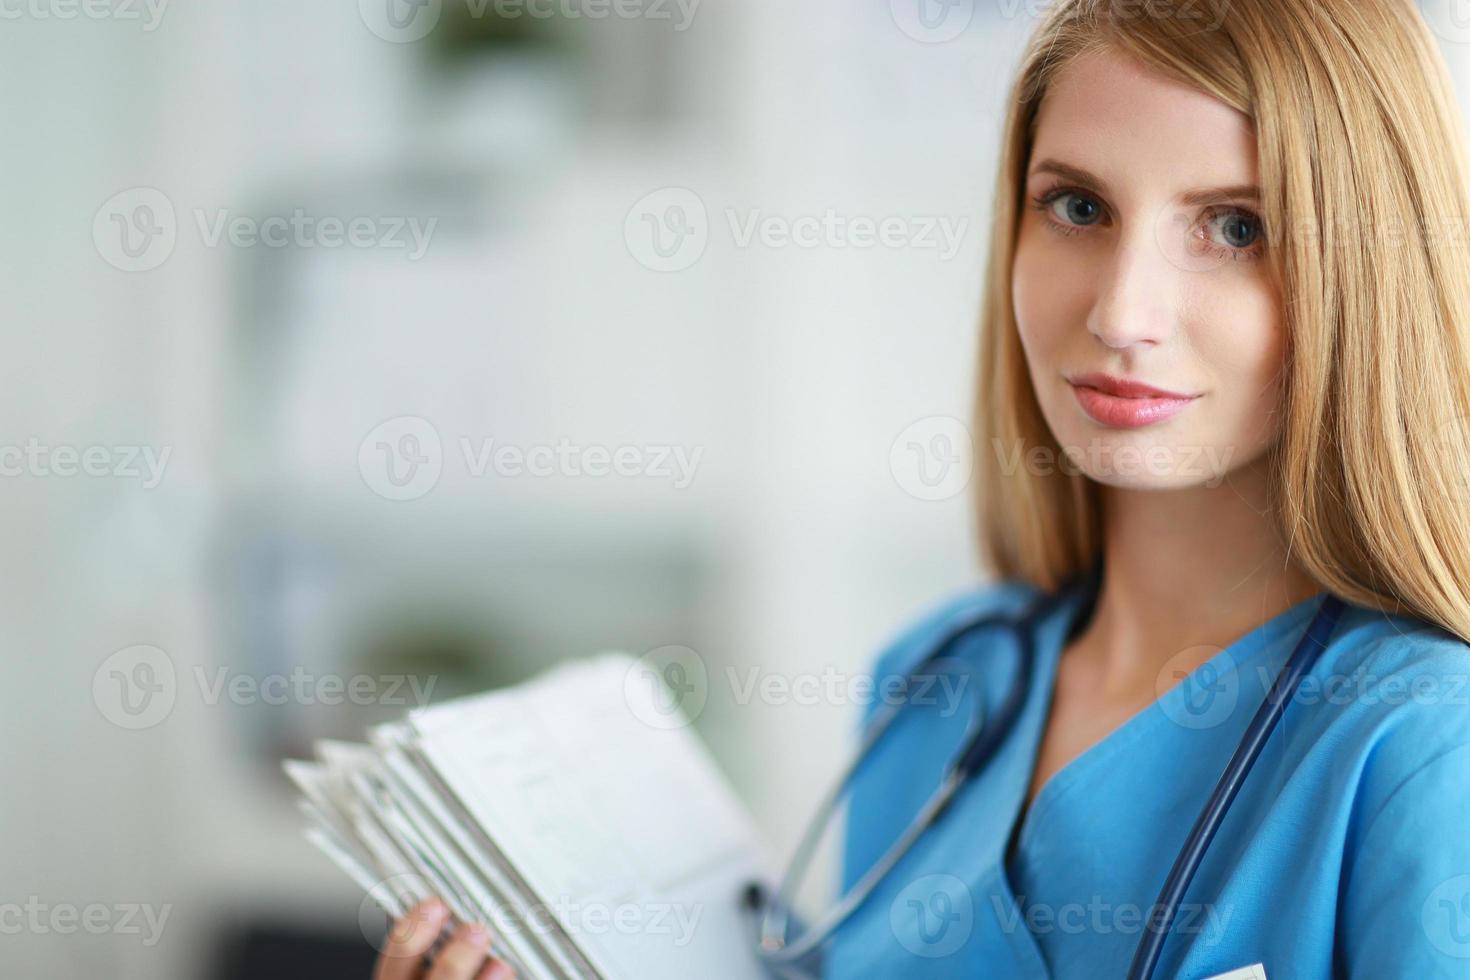 Retrato de mujer médico con carpeta en el pasillo del hospital foto